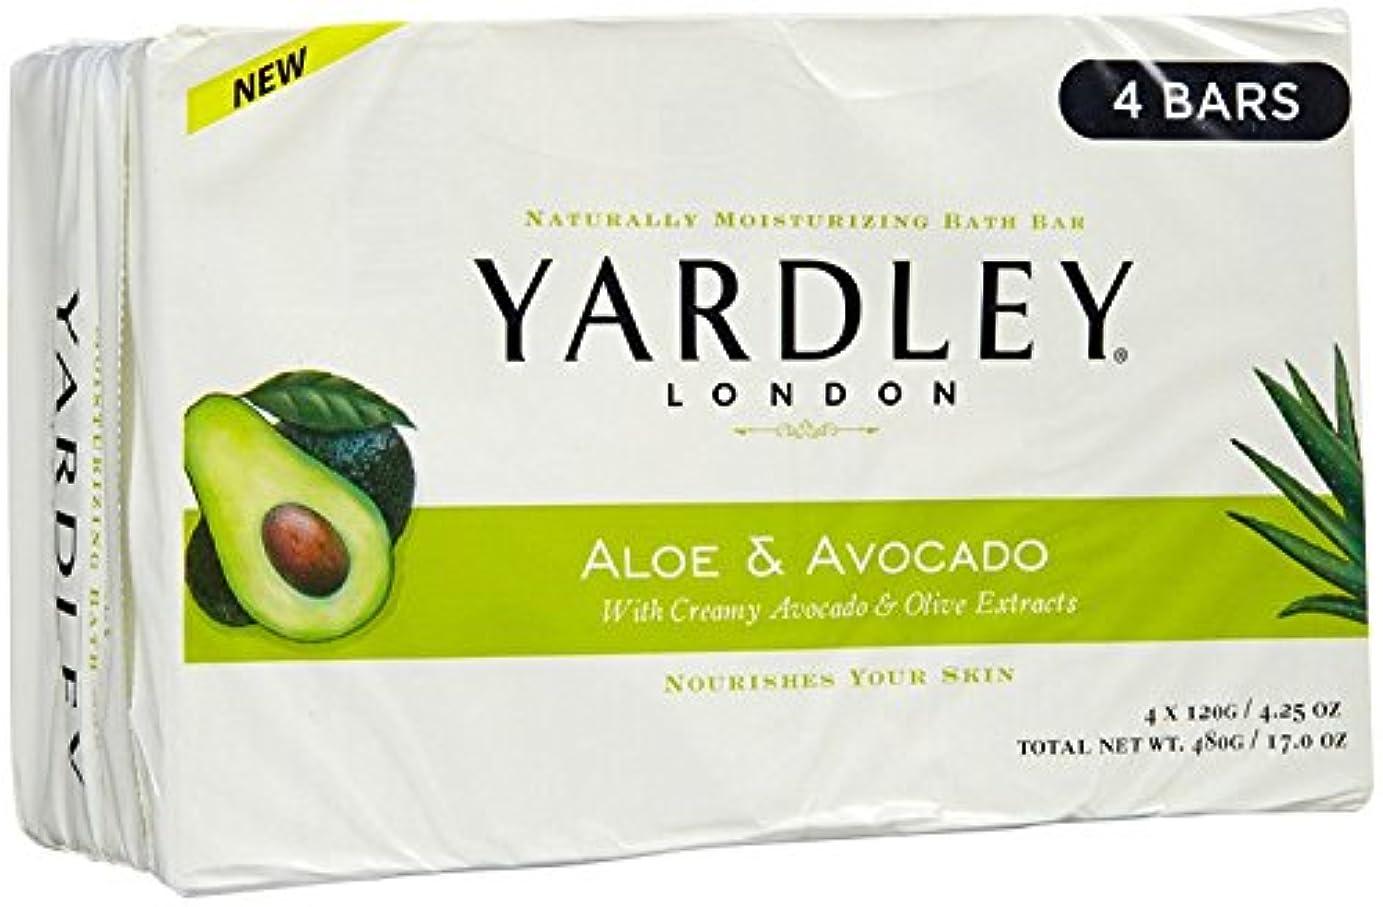 動物園バッフル通行人Yardley ロンドンアロエアボカド当然のことながら保湿入浴バー4.25オズ(4パック)